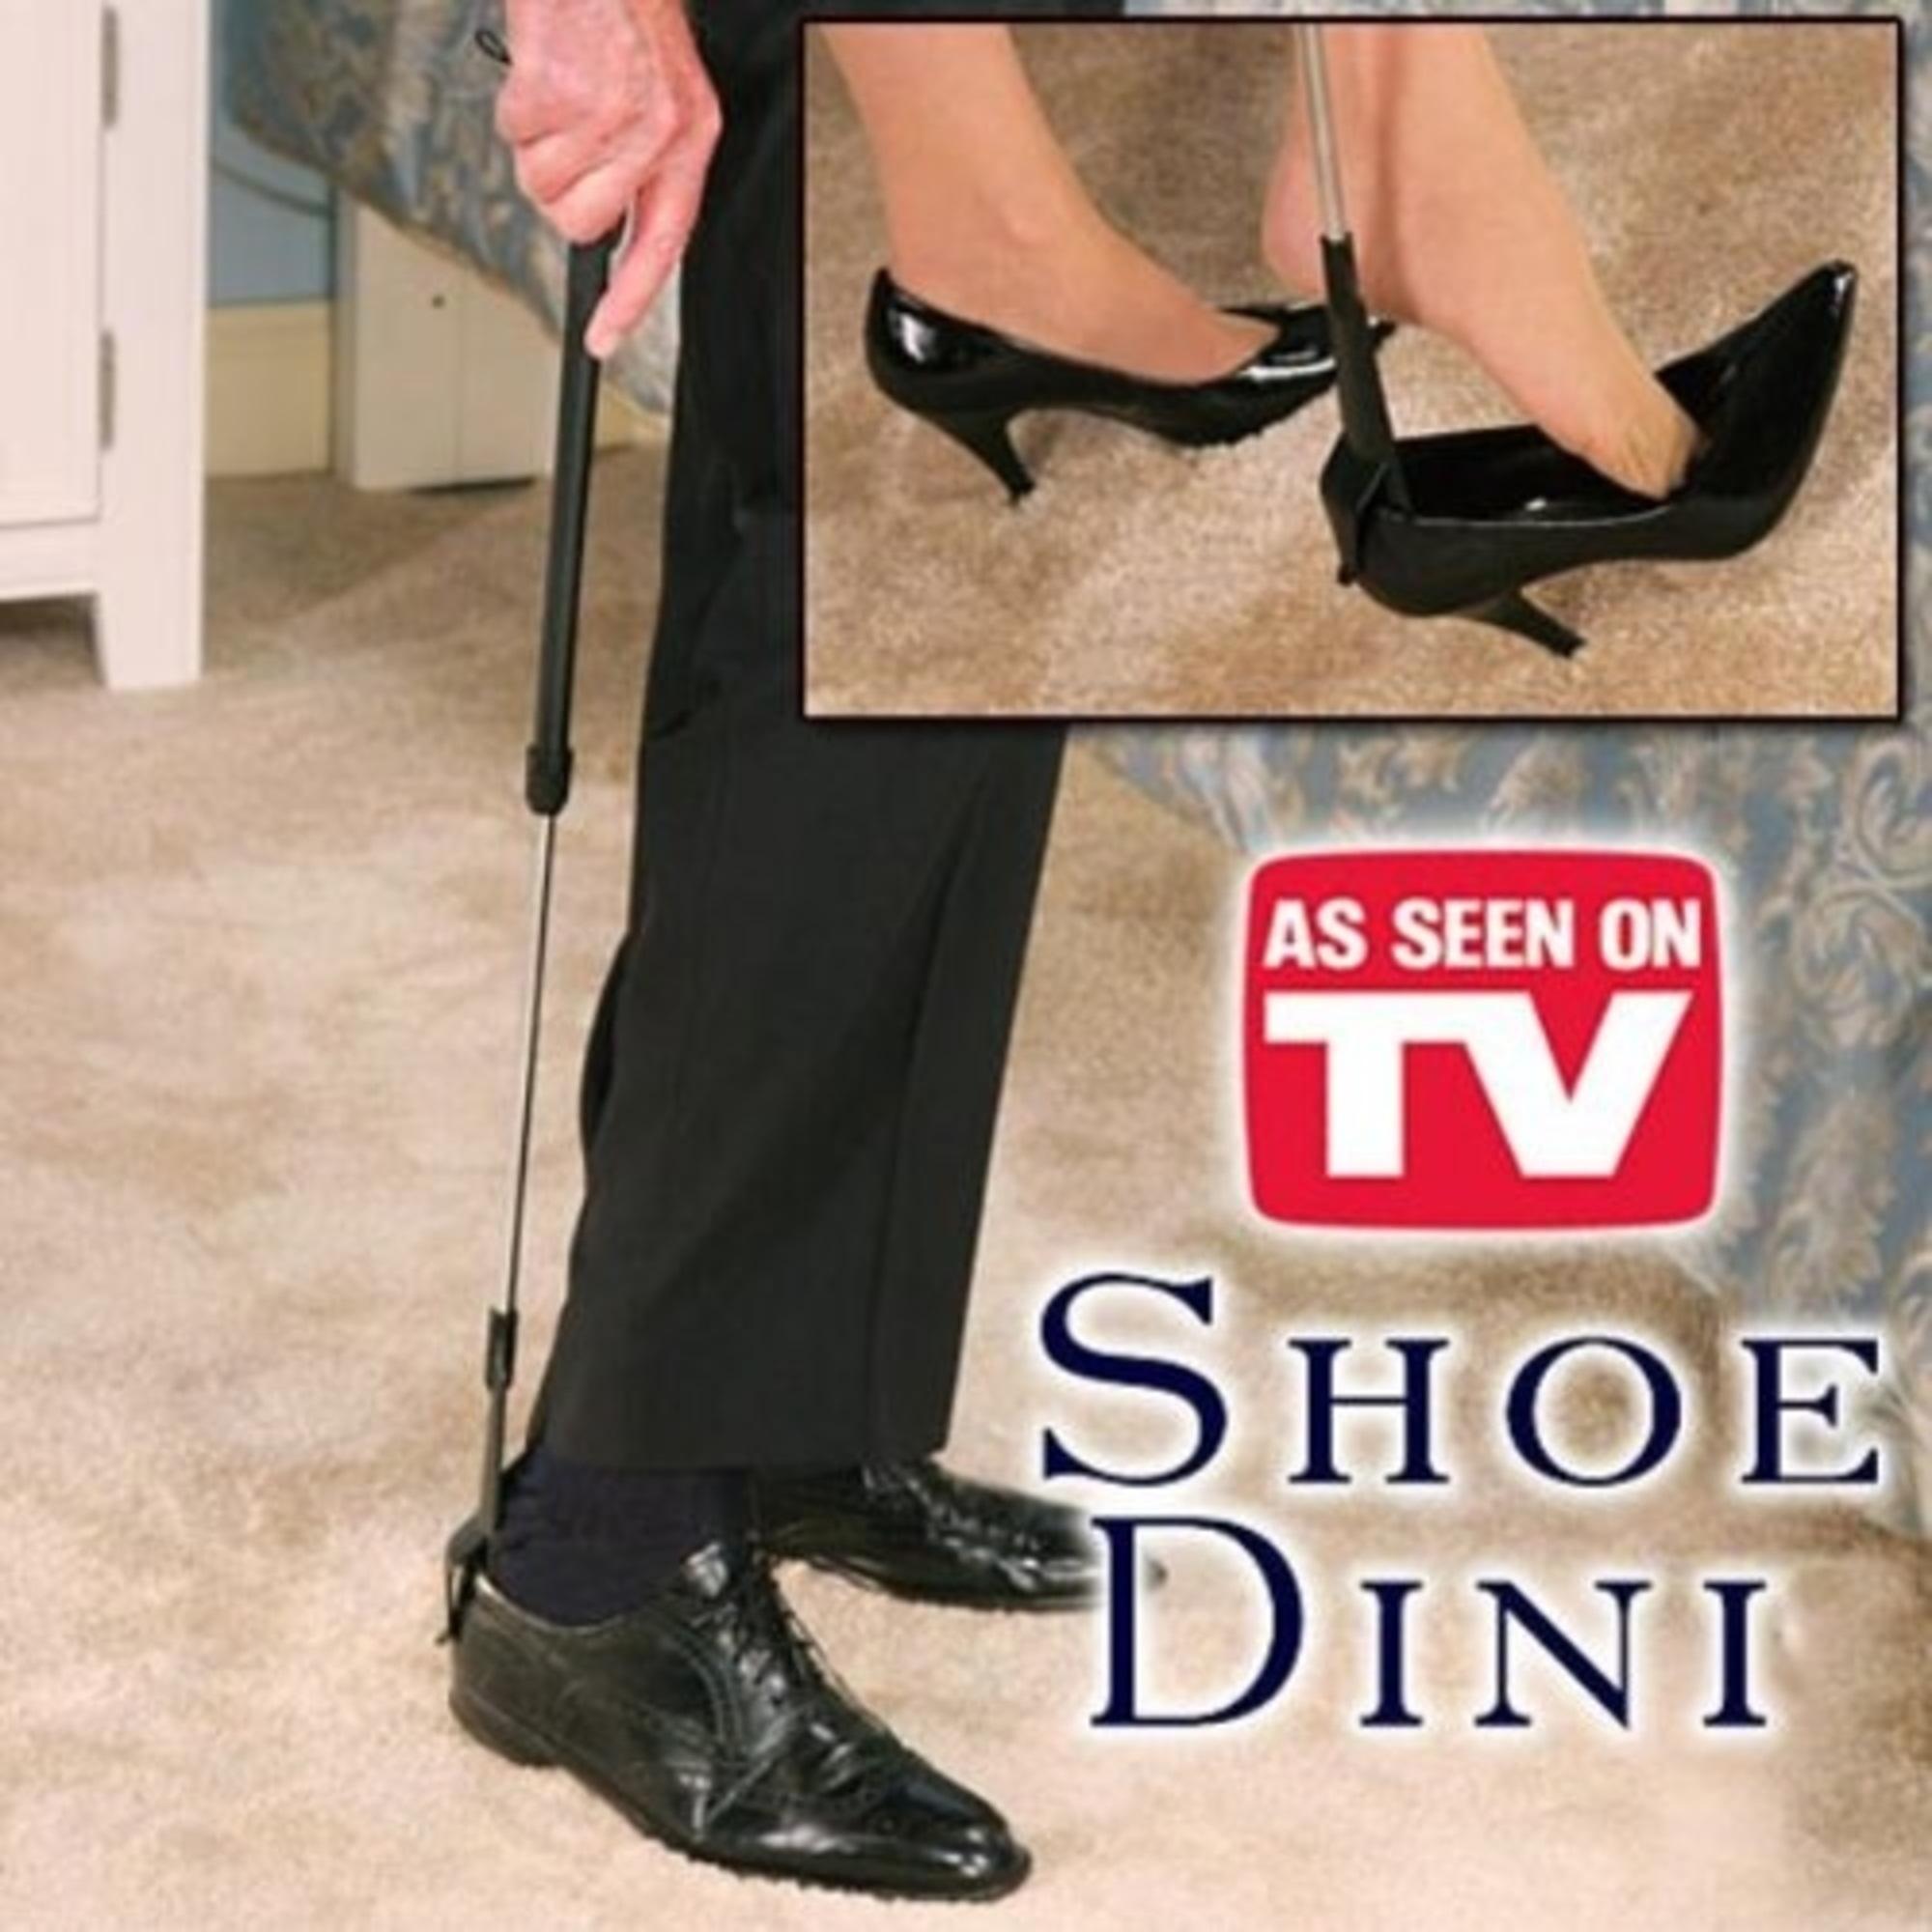 Shoe Dini Telescoping Shoe Horn